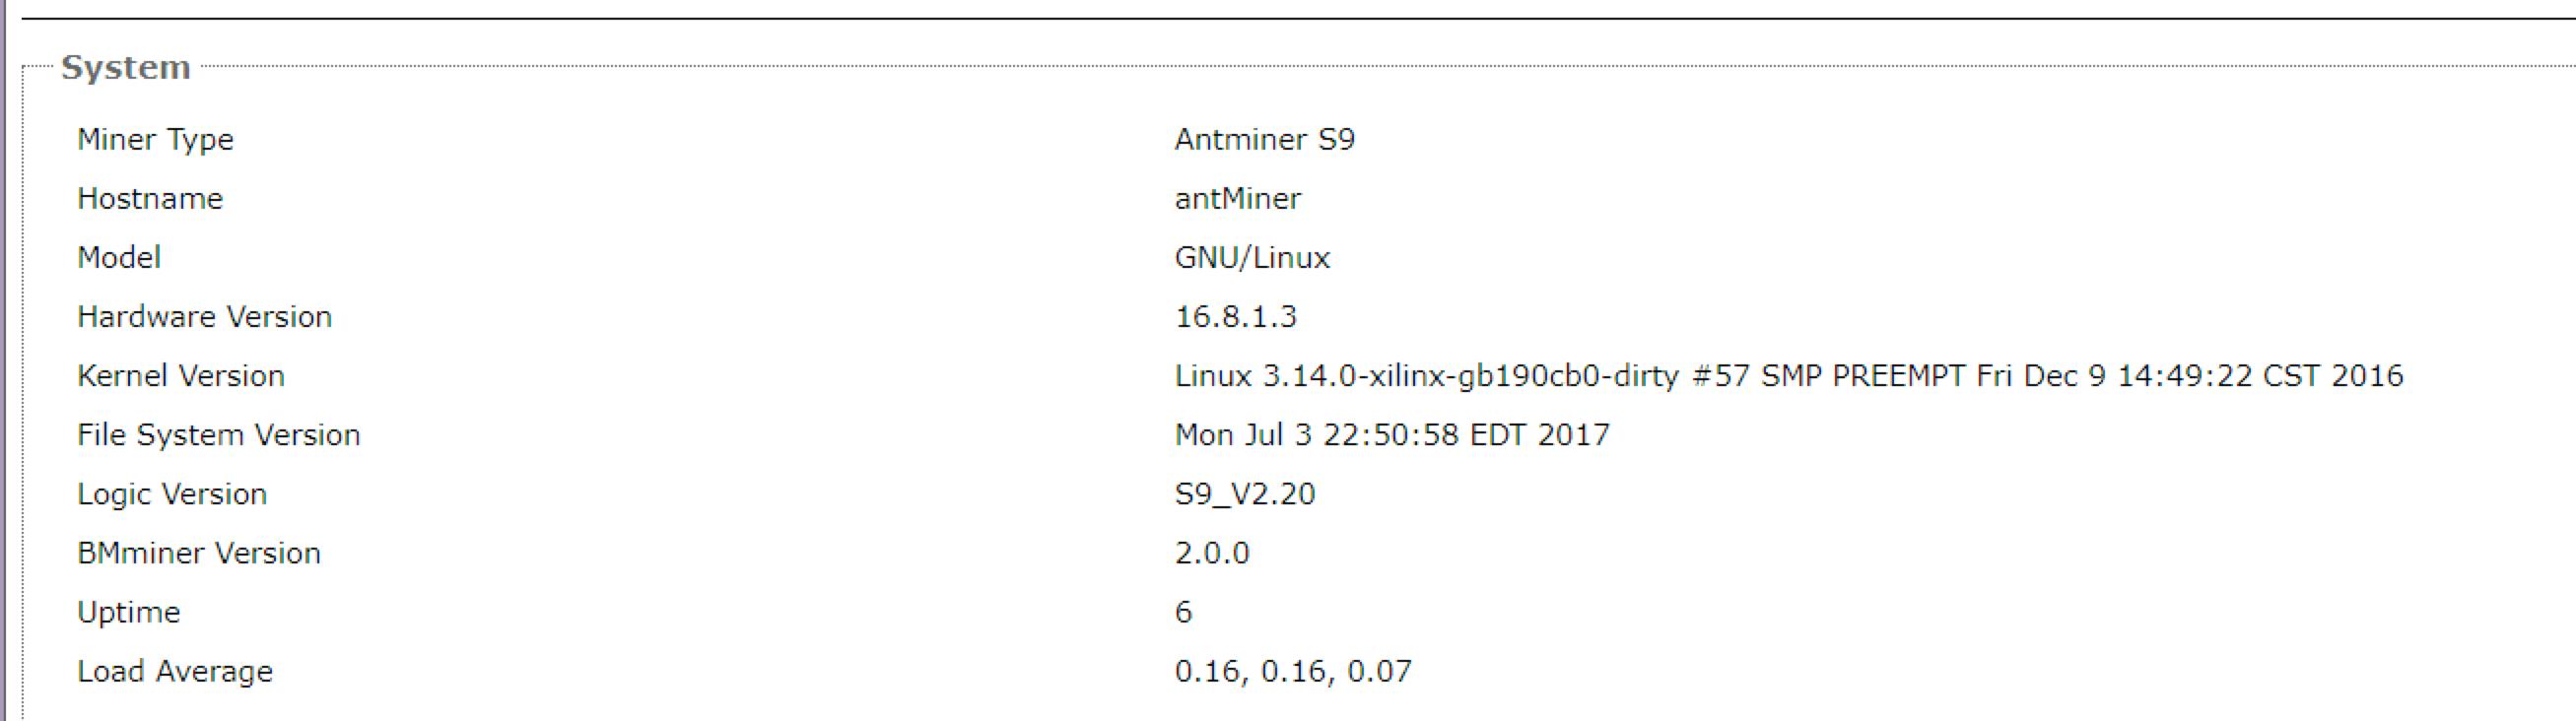 Снимок экрана 2017-08-31 в 20.23.48.png